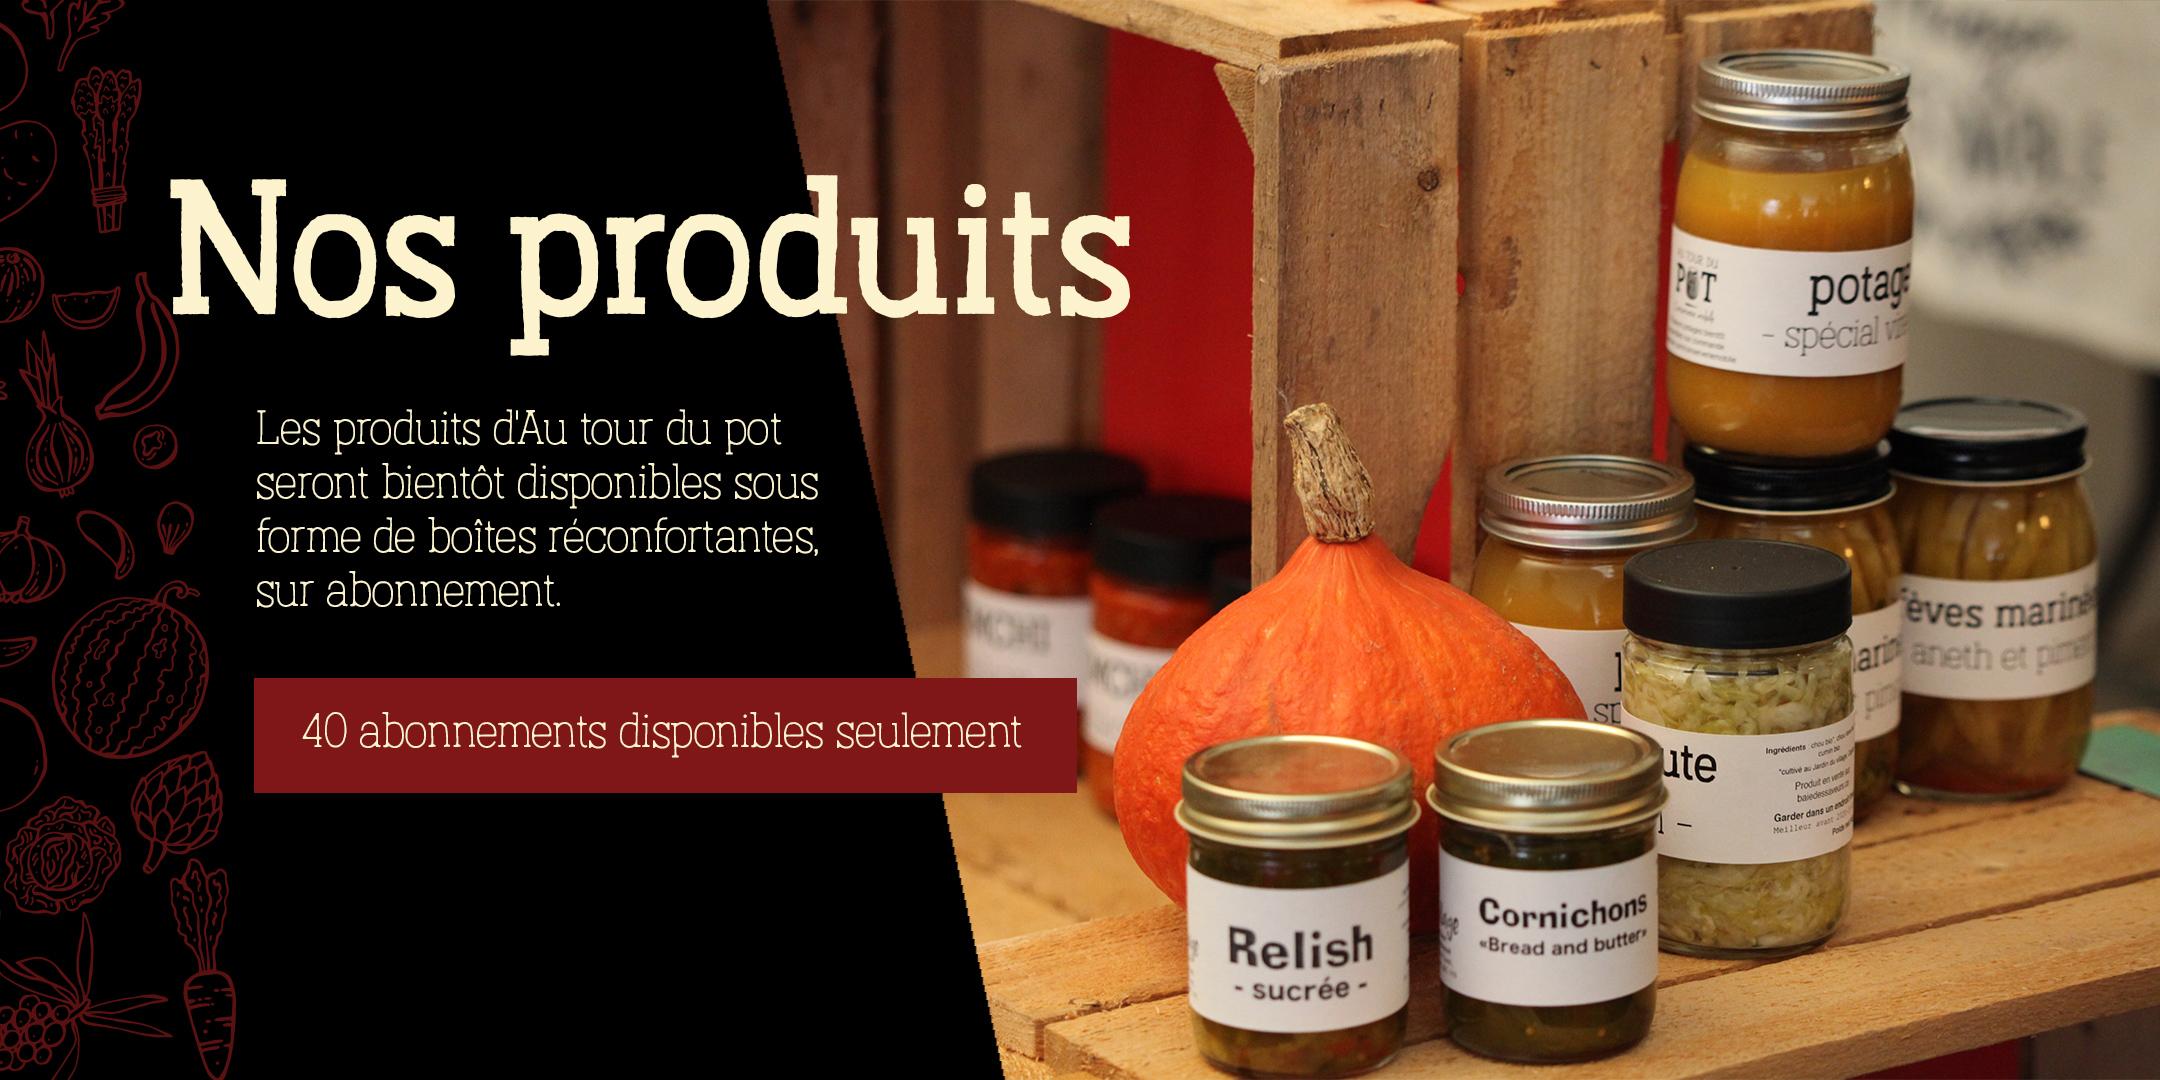 Les produits d'Au tour du pot sont fabriqués à bord d'une conserverie mobile. Bientôt disponibles sur abonnement sous forme de boîtes de réconfort.